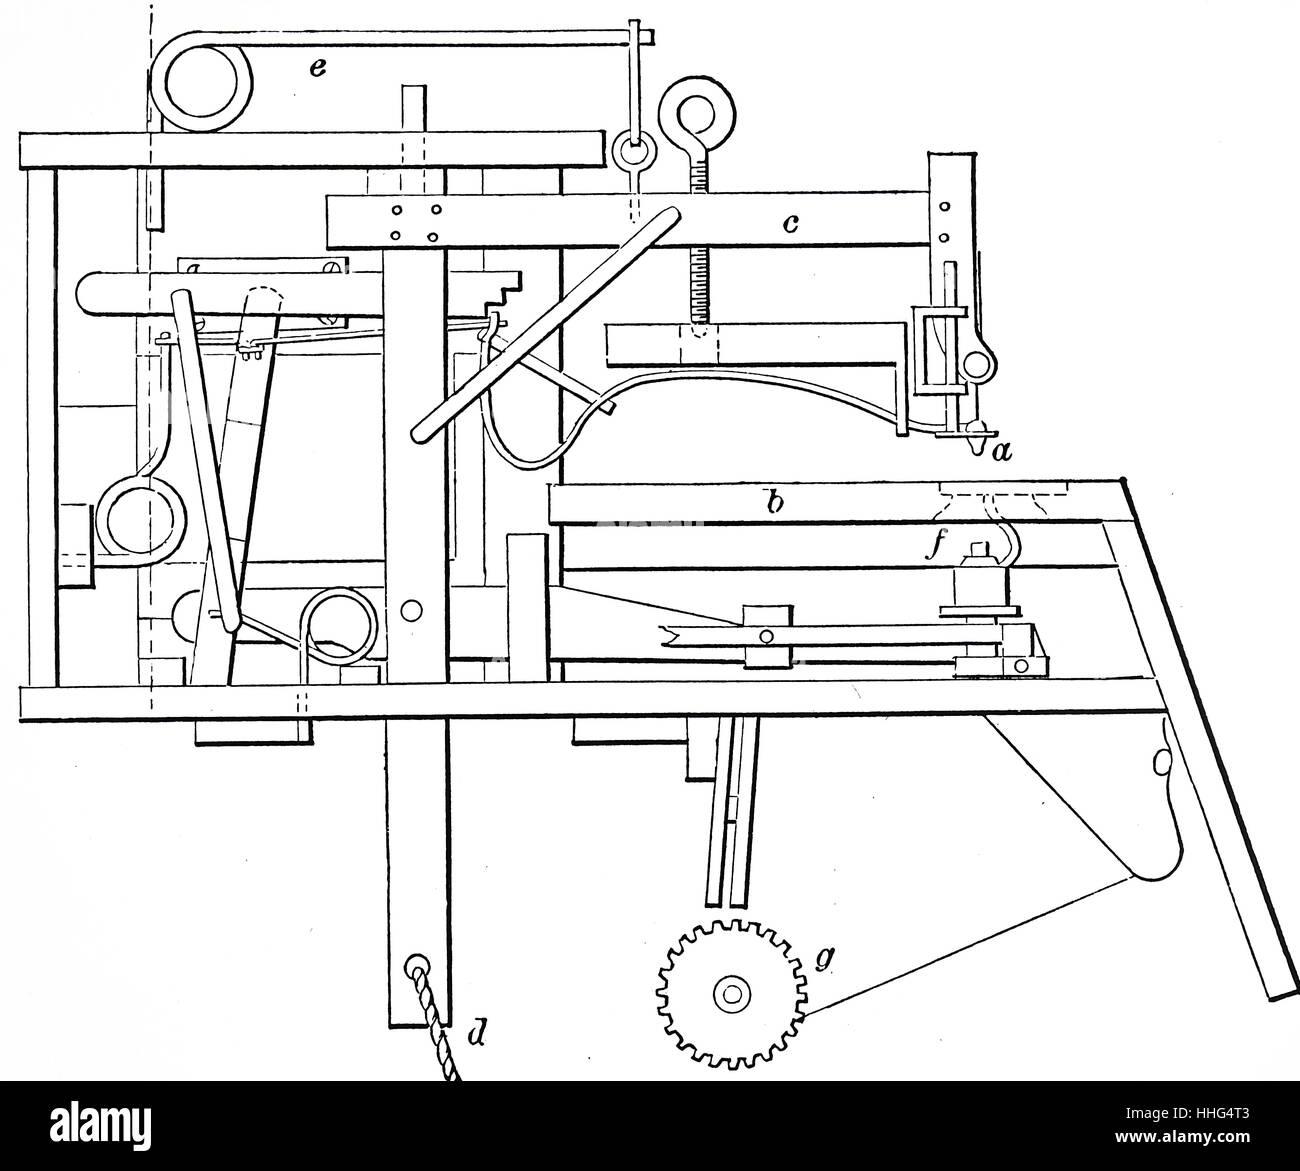 https www alamyimages fr photo image milieu du 19eme siecle l anglais dessin technique d un metier a tisser pour tisser 131276771 html